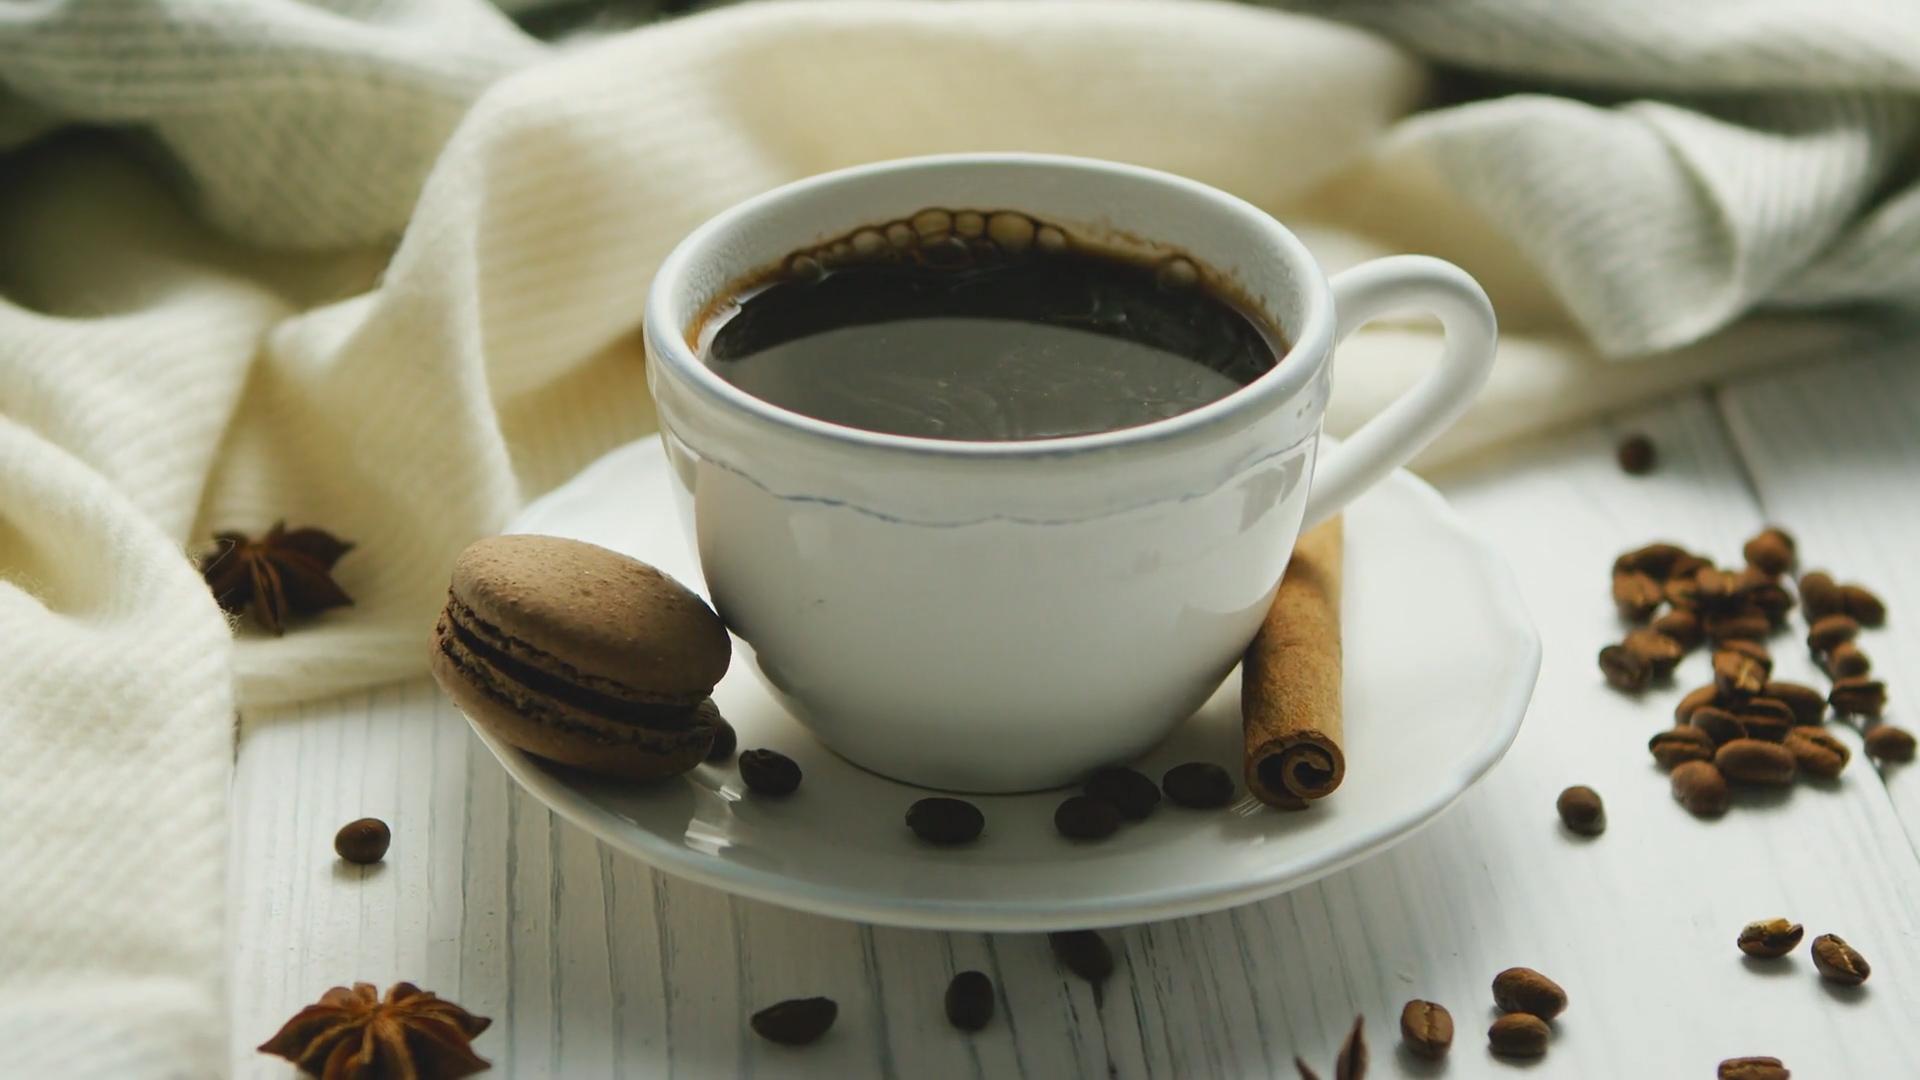 Kawa nie pomoże na kaca. Powszechny mit obalony